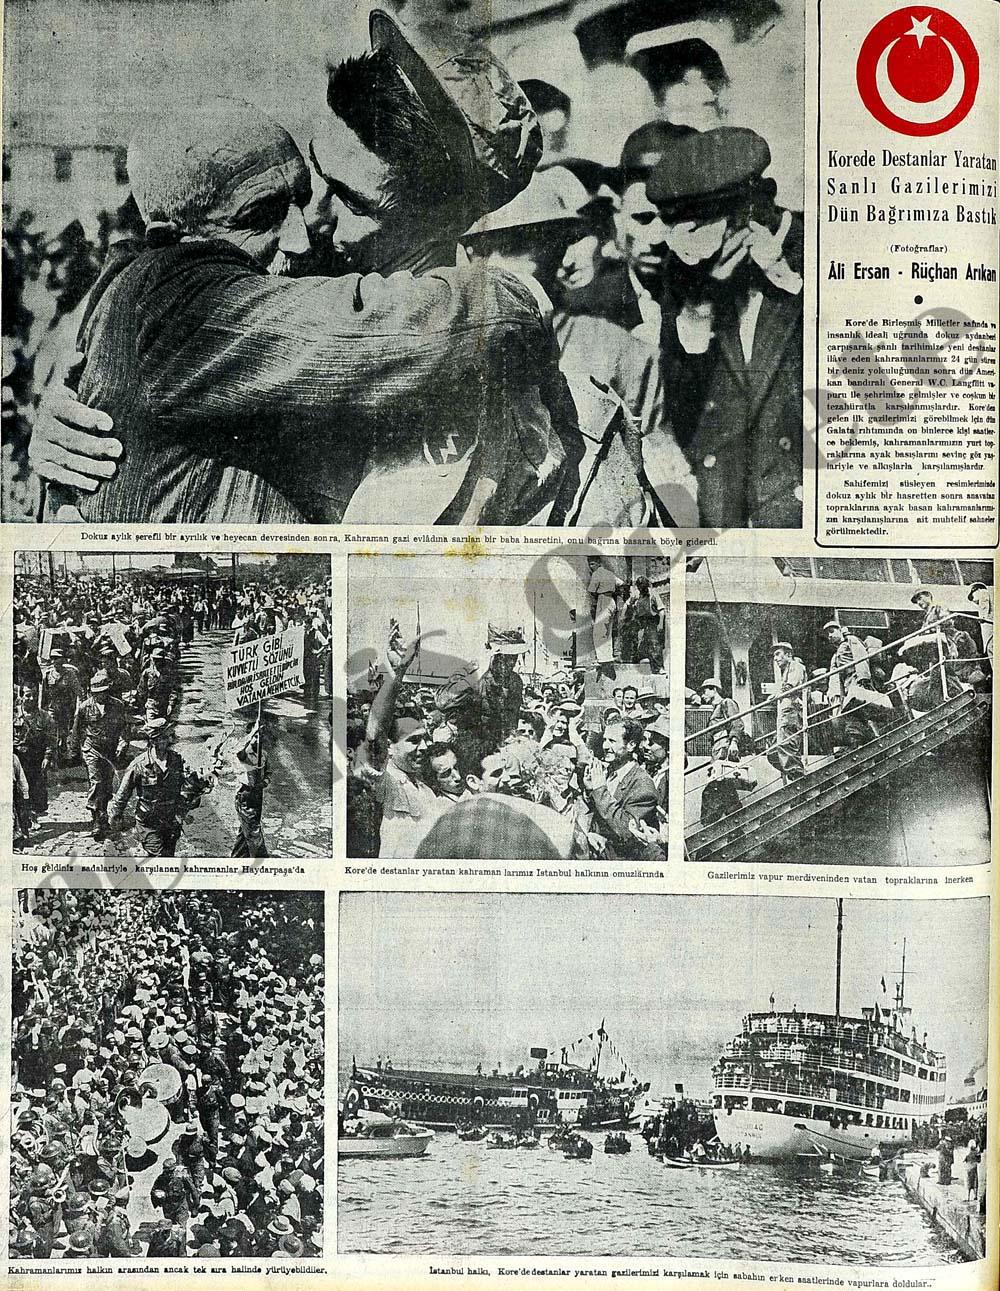 İstanbul Kore kahramanlarını karşıladı